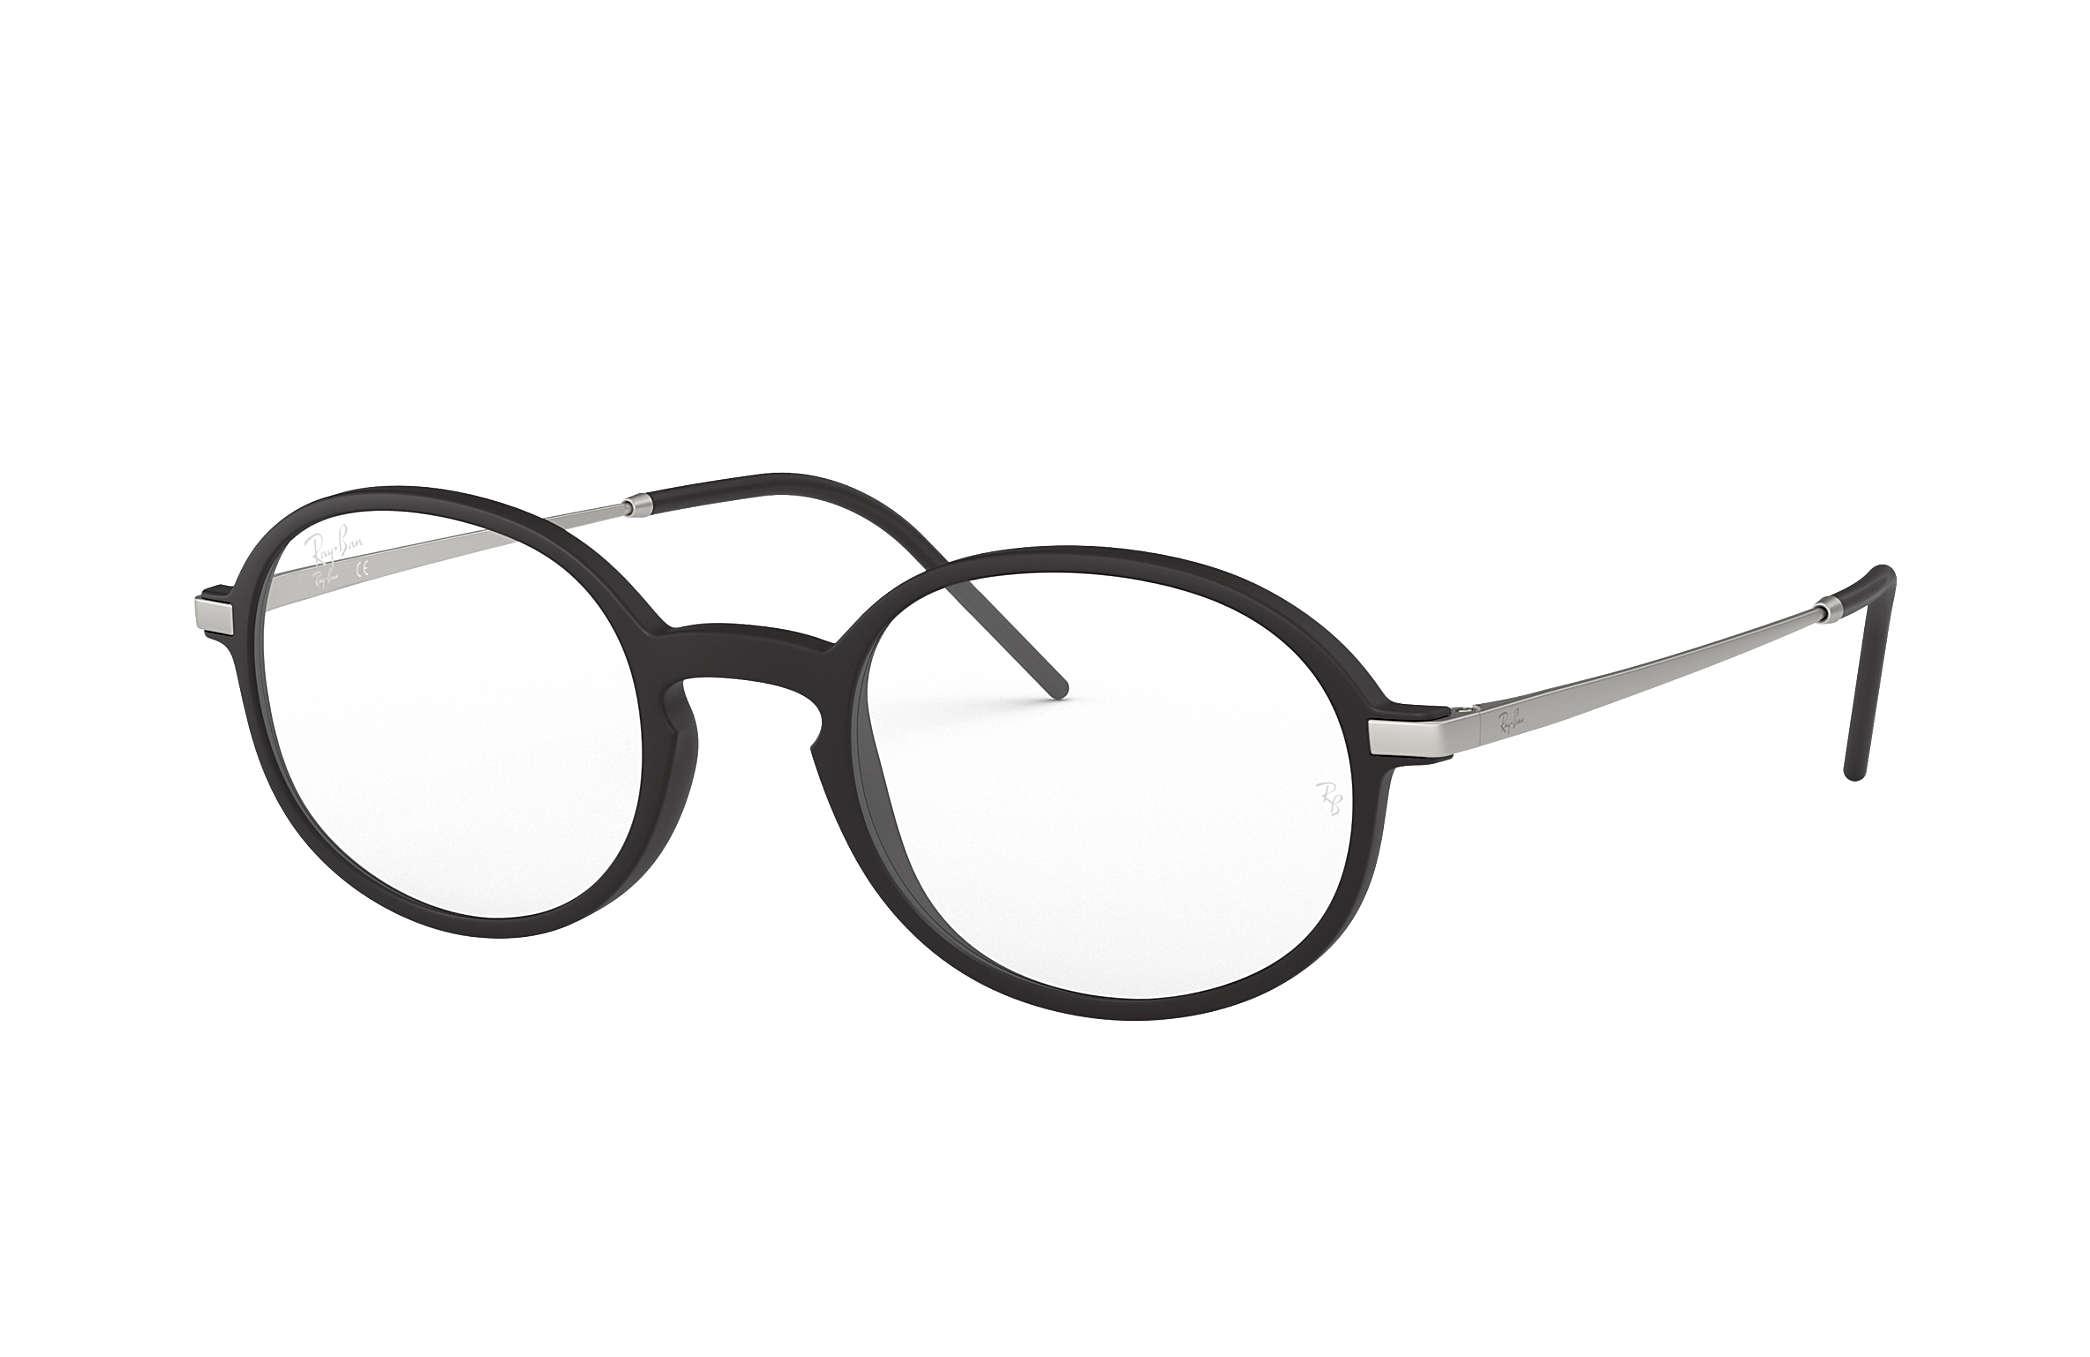 ea6ccd34f2f2d Óculos de grau Ray-Ban RB7153 Preto - Injetado - 0RX7153536452